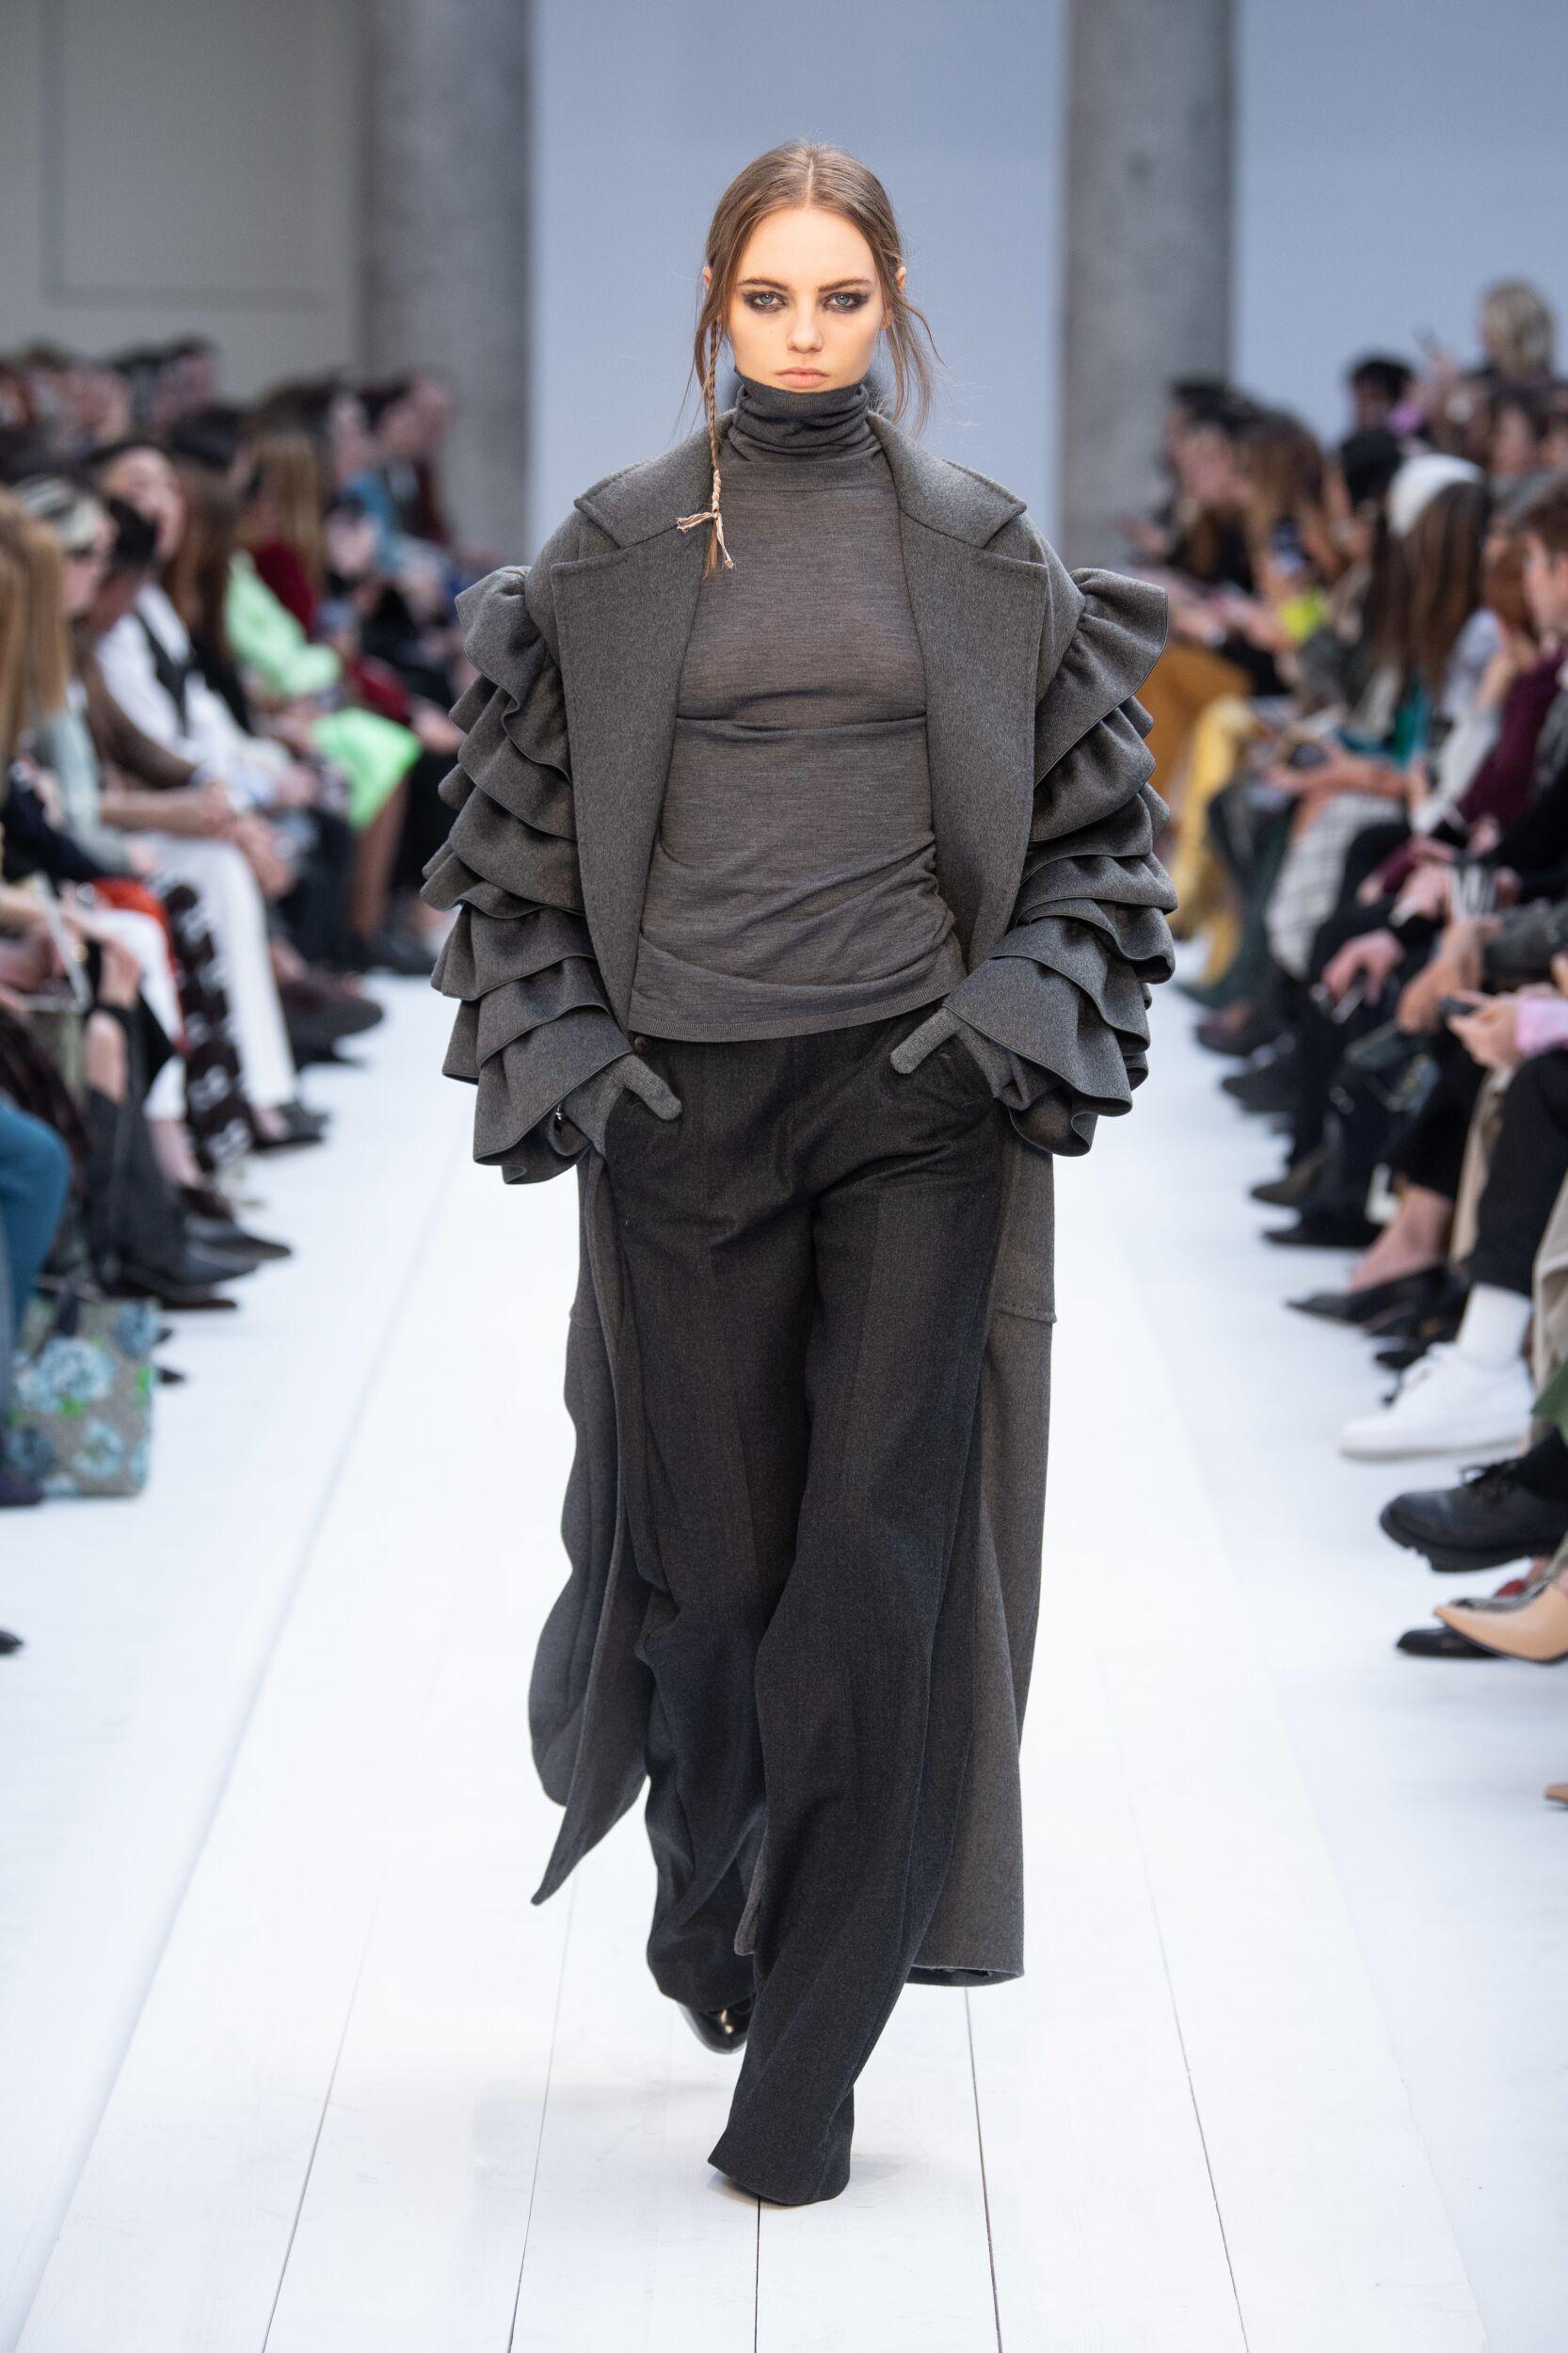 Max Mara Woman 2020